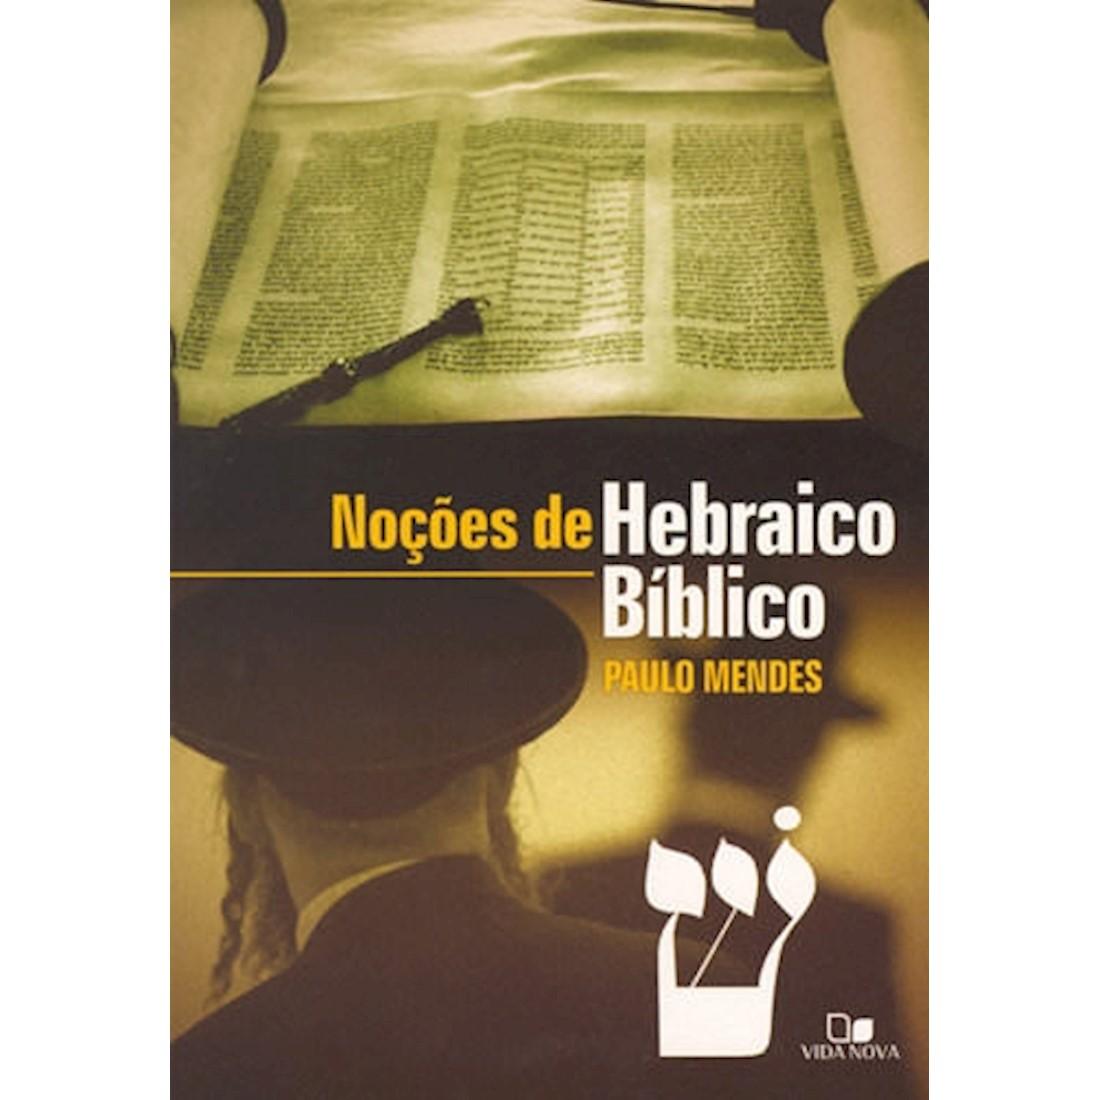 Livro Noções de Hebraico Bíblico